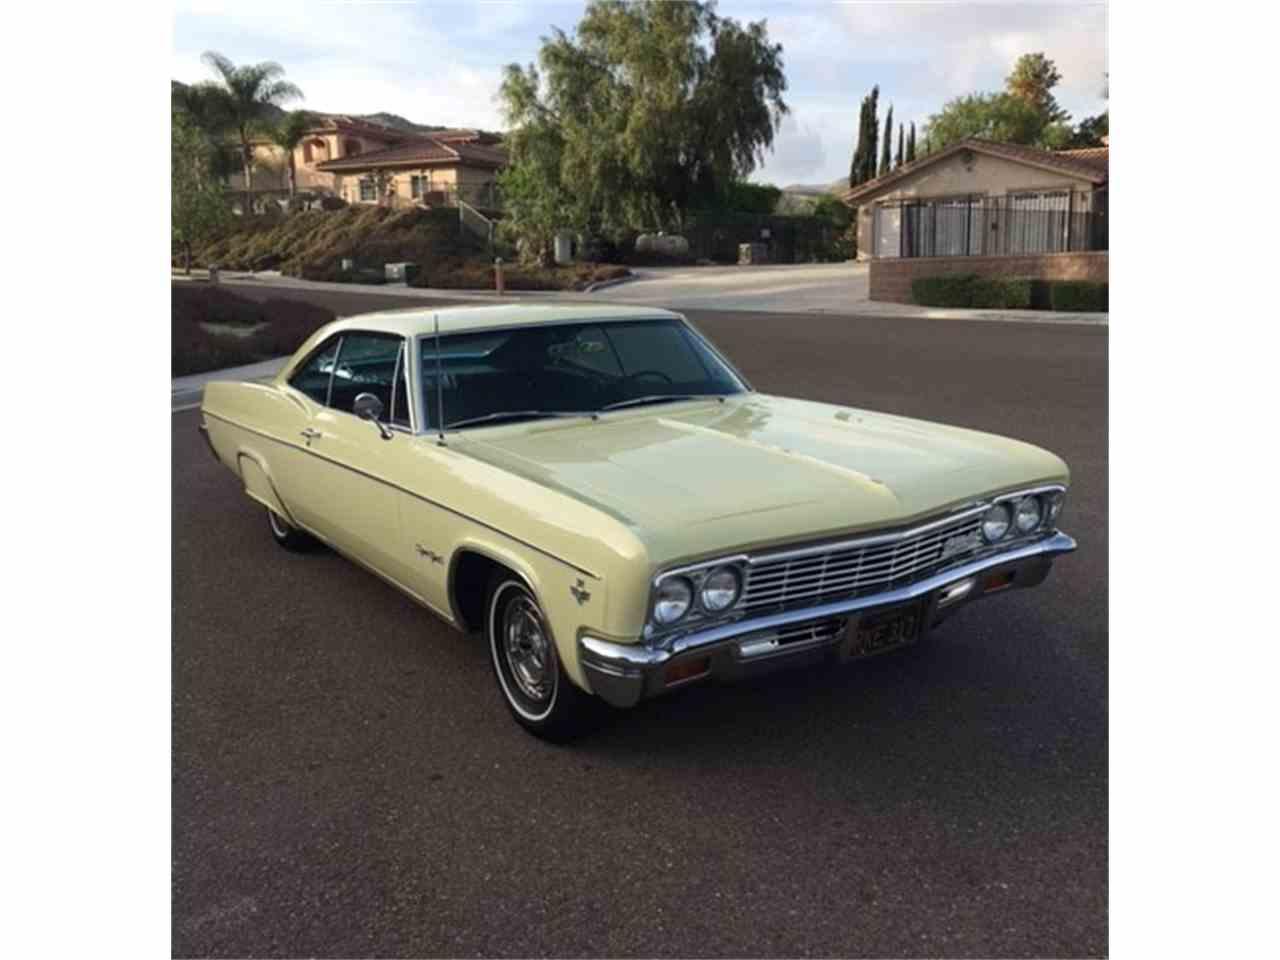 Impala 97 chevy impala : 1966 Chevrolet Impala SS for Sale | ClassicCars.com | CC-977995